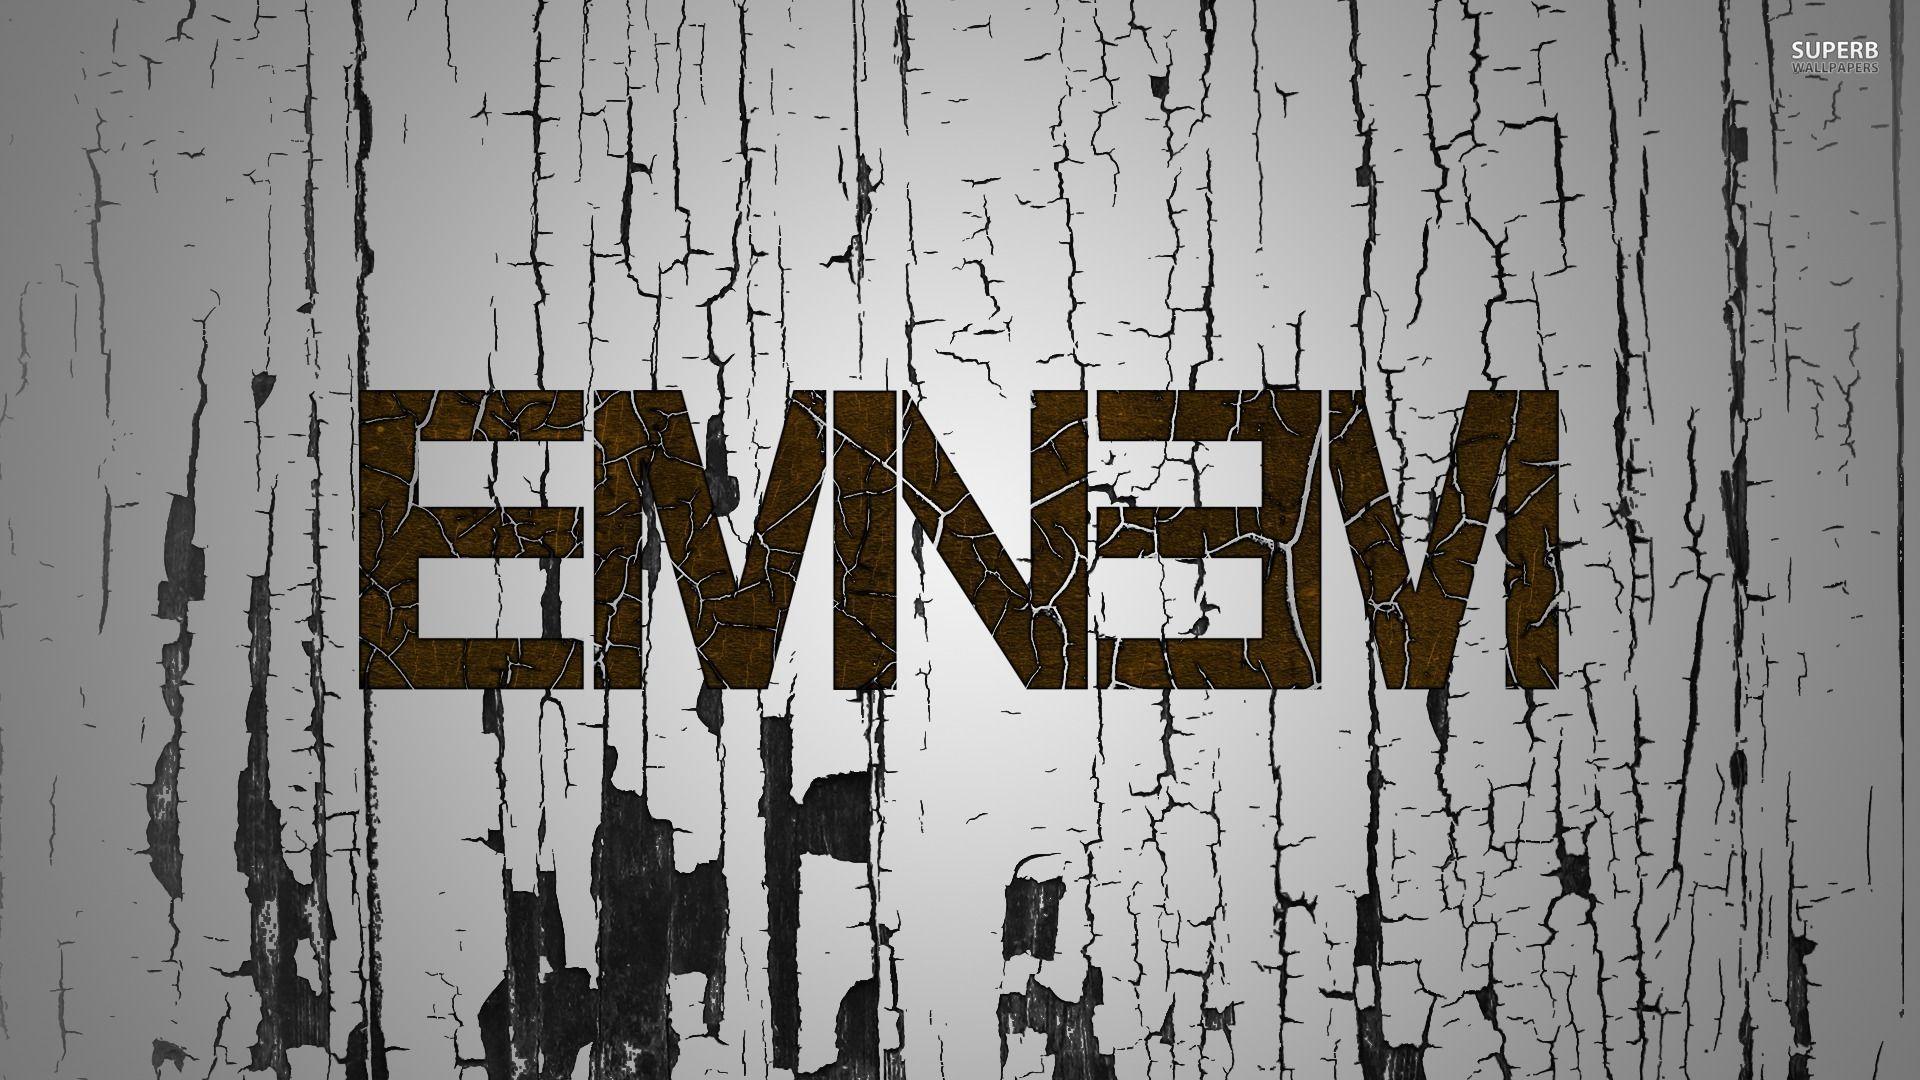 Download Wallpaper Logo Eminem - b1be727aa21603983603faa2b0bd820f  HD_307056.jpg